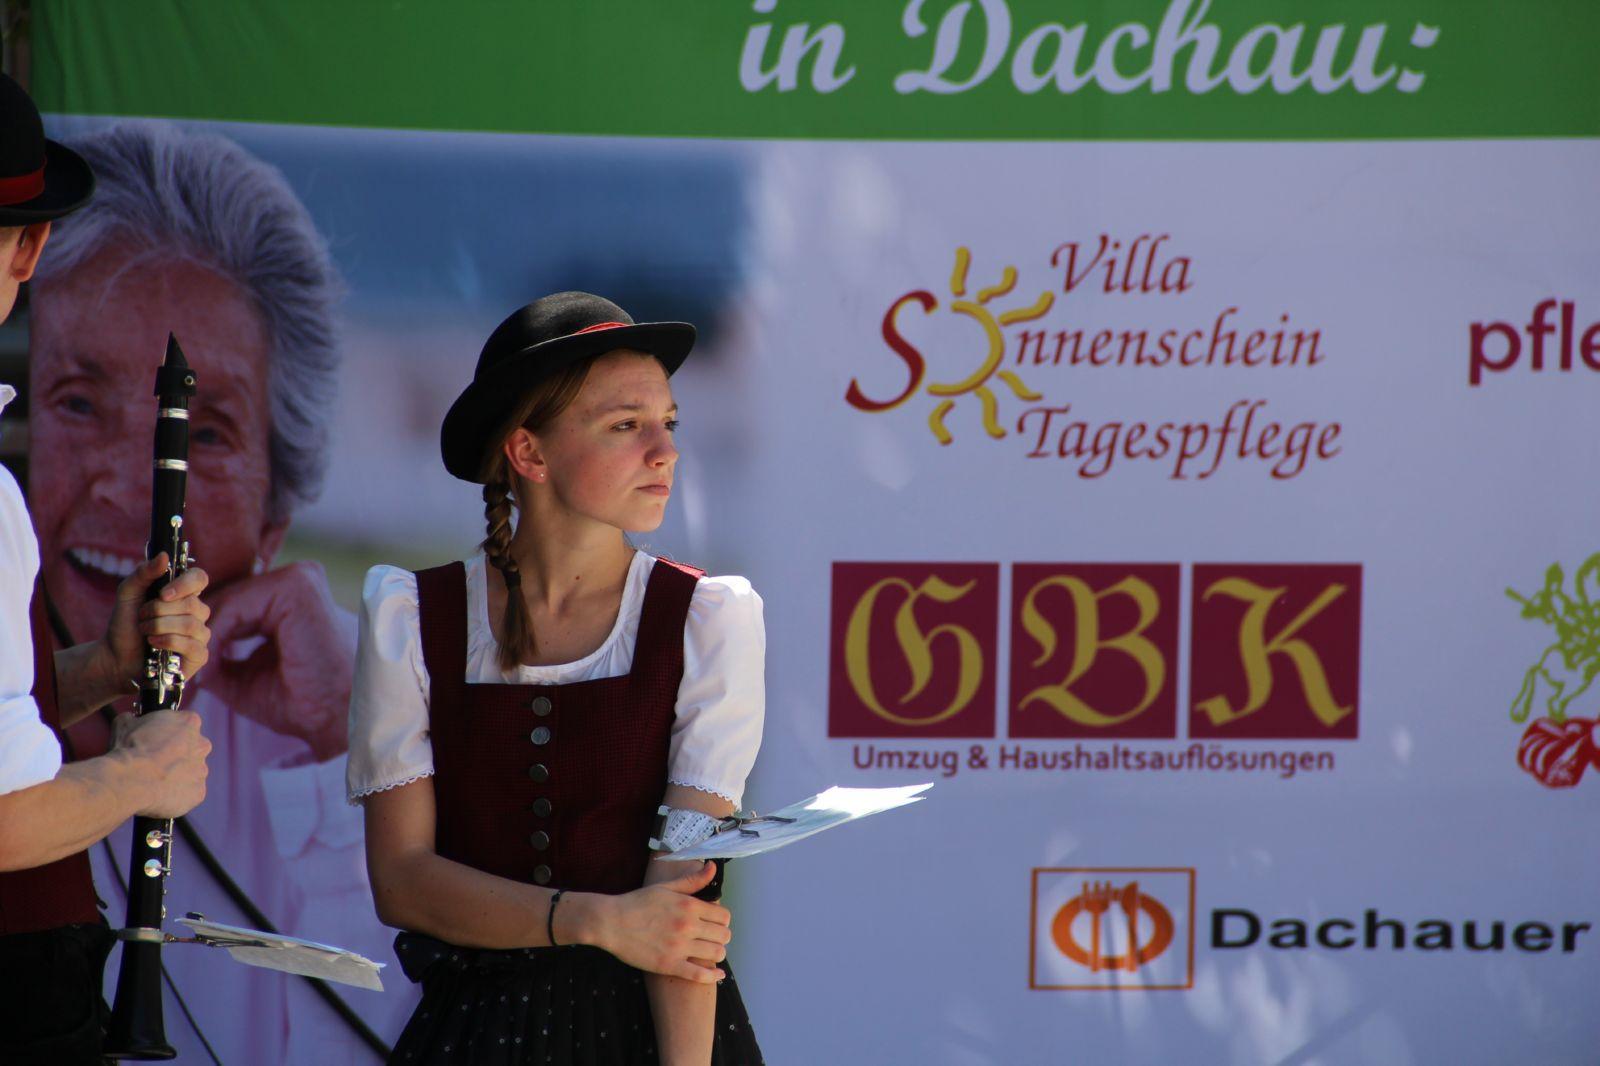 GBK am Dachauer Altstadtfest 2014